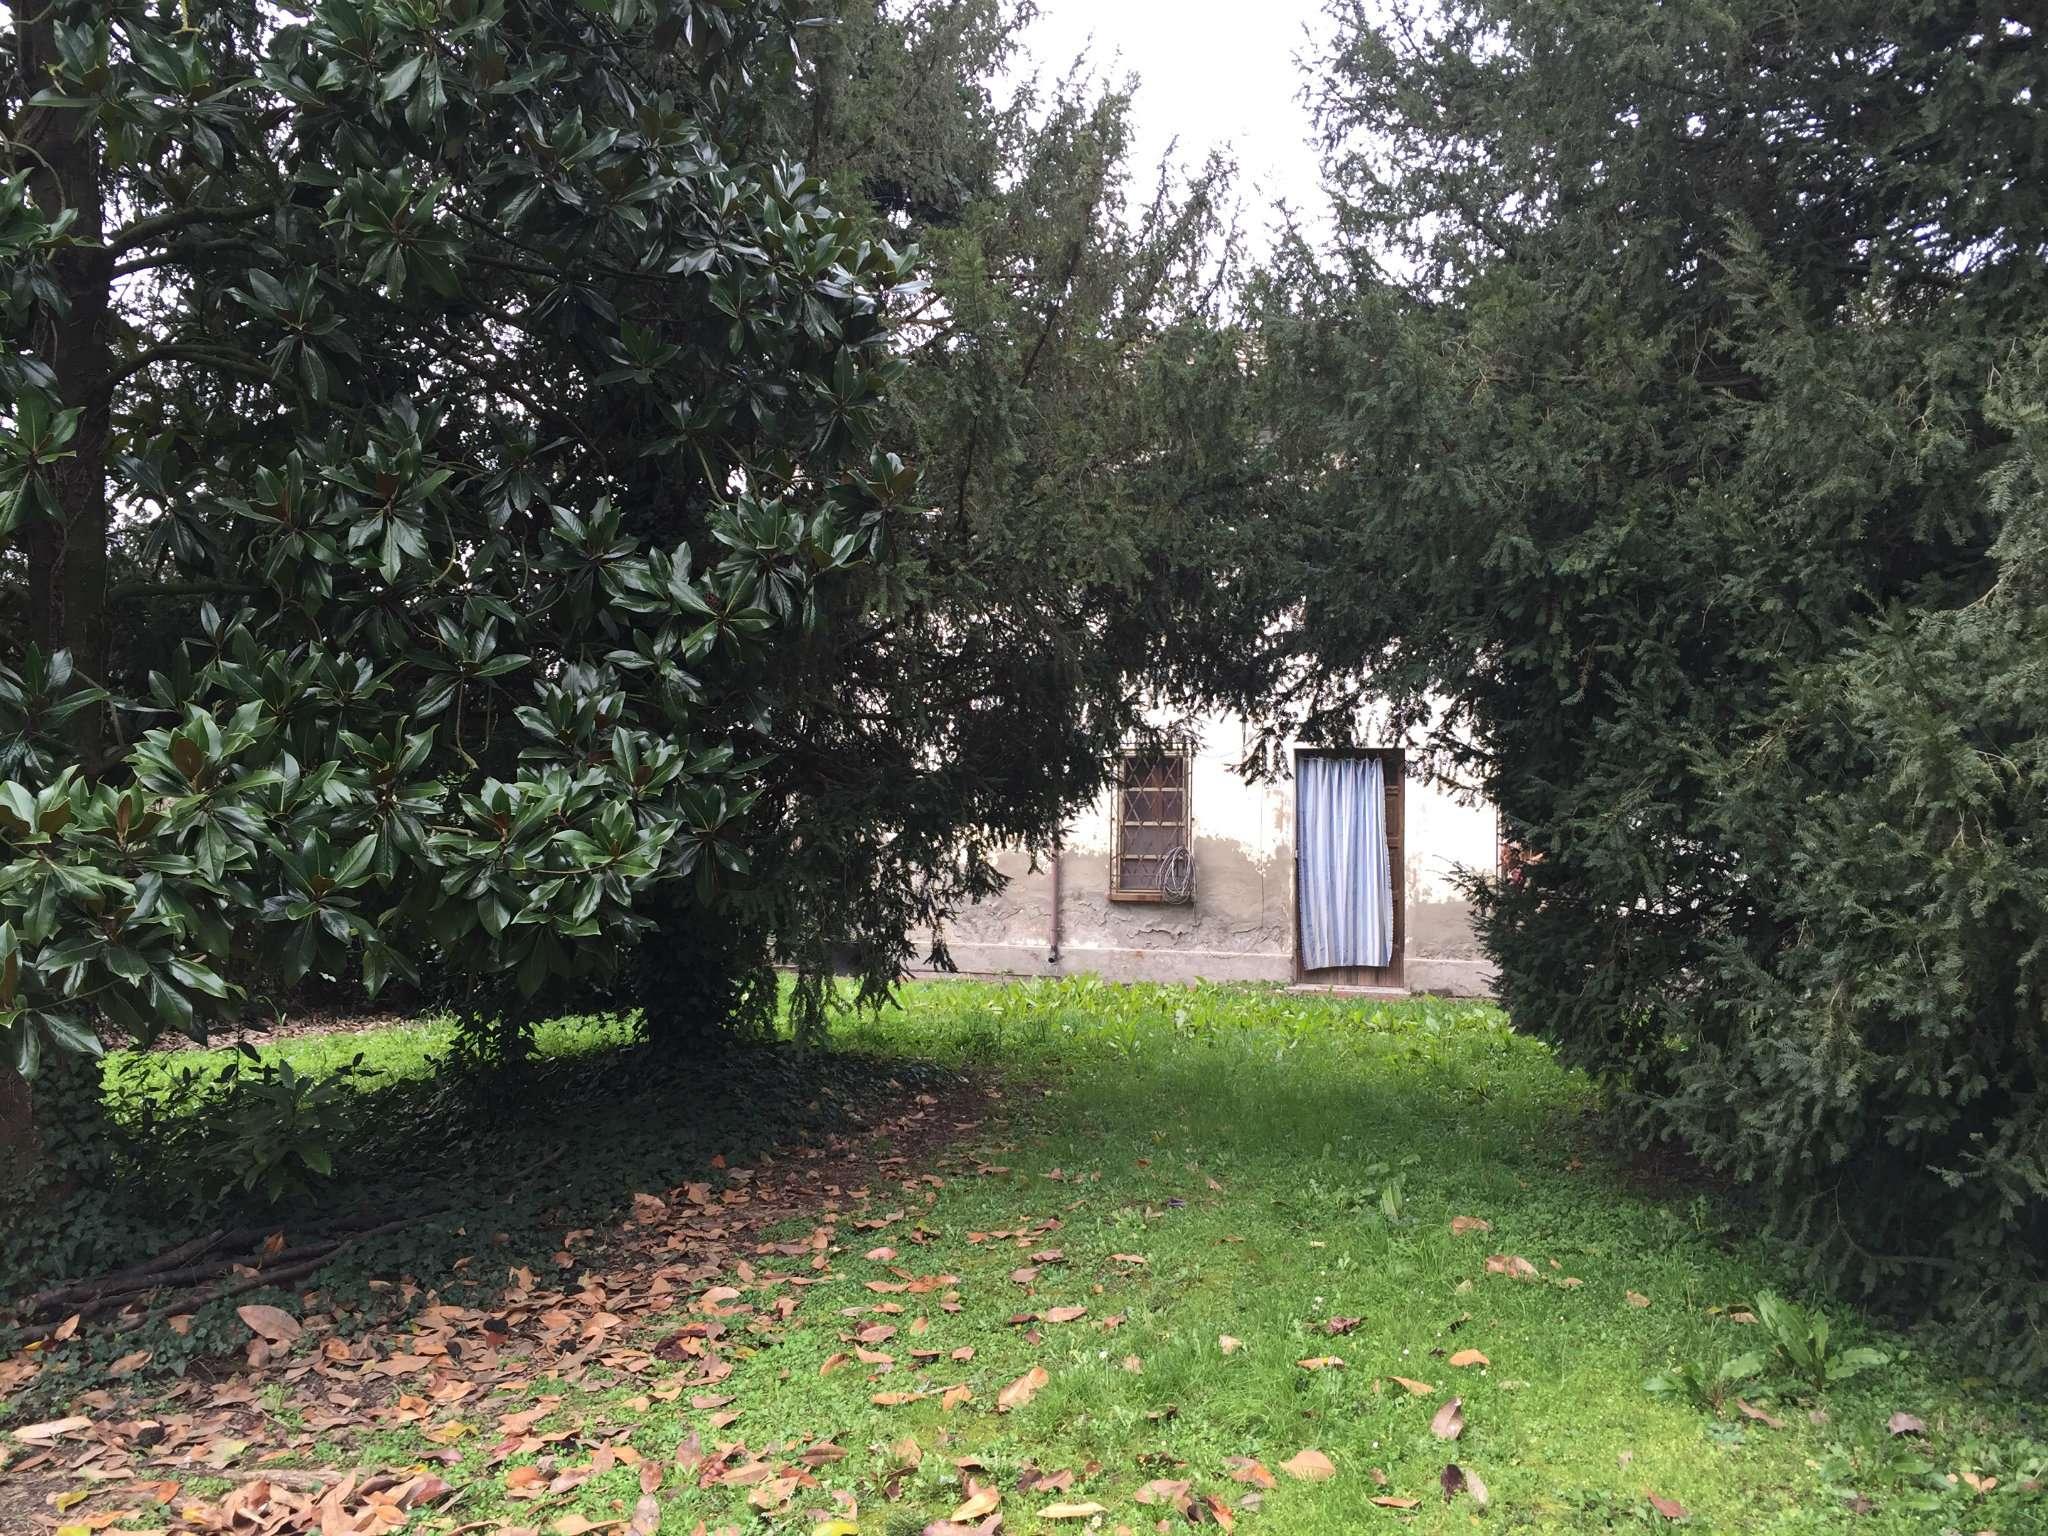 Rustico in Vendita a Ravenna Centro: 5 locali, 420 mq